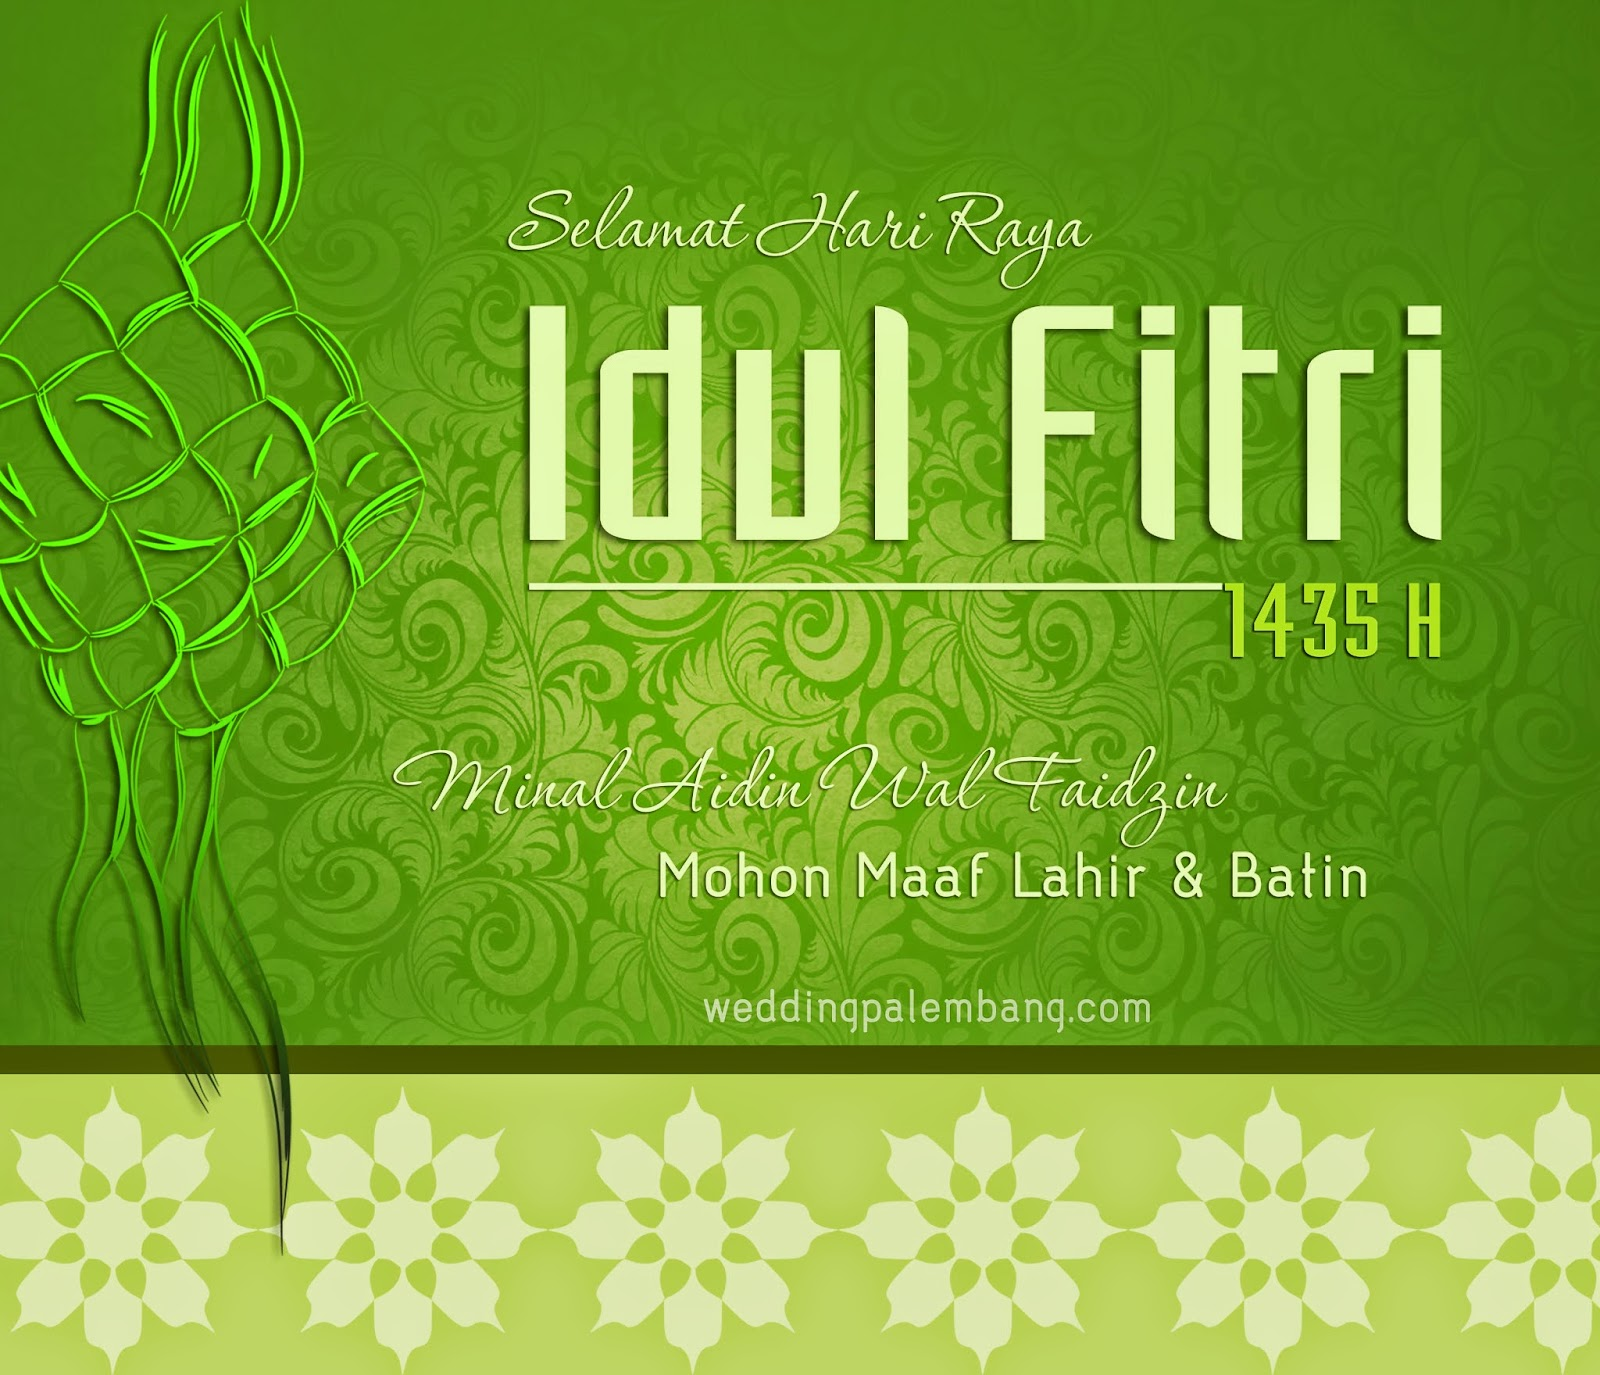 Kumpulan Ucapan Selamat Hari Raya / Lebaran Idul Fitri